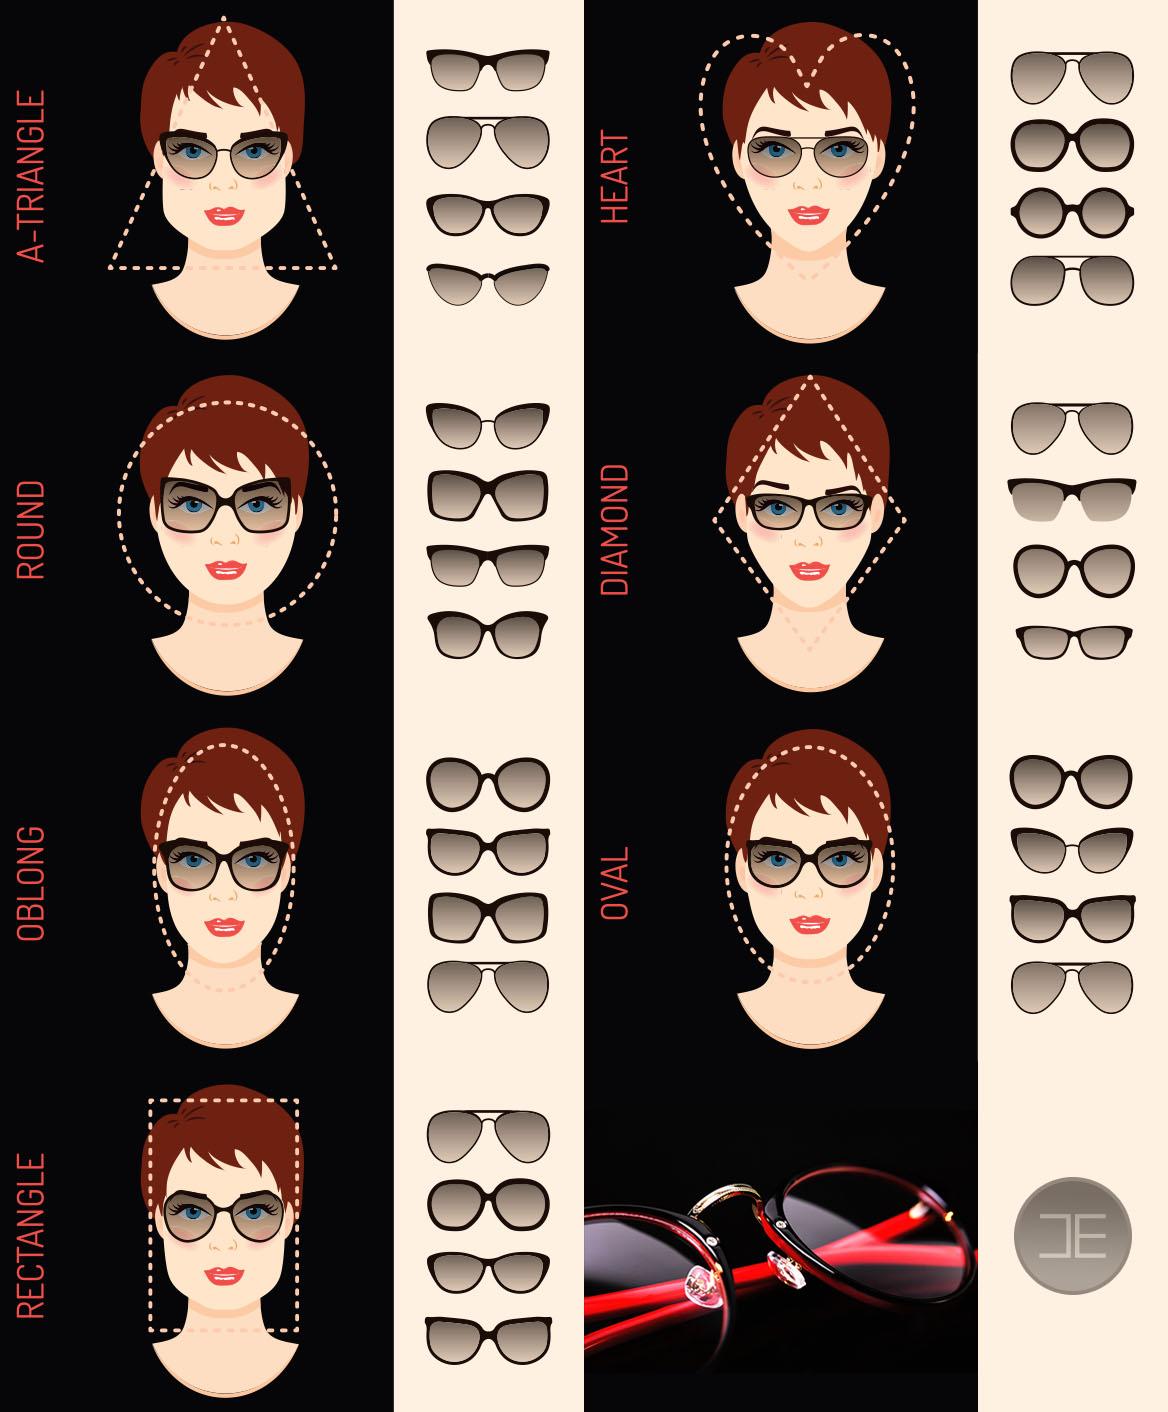 Les lunettes - La monture parfaite - Elegance - Elvisa JASAK - Paris